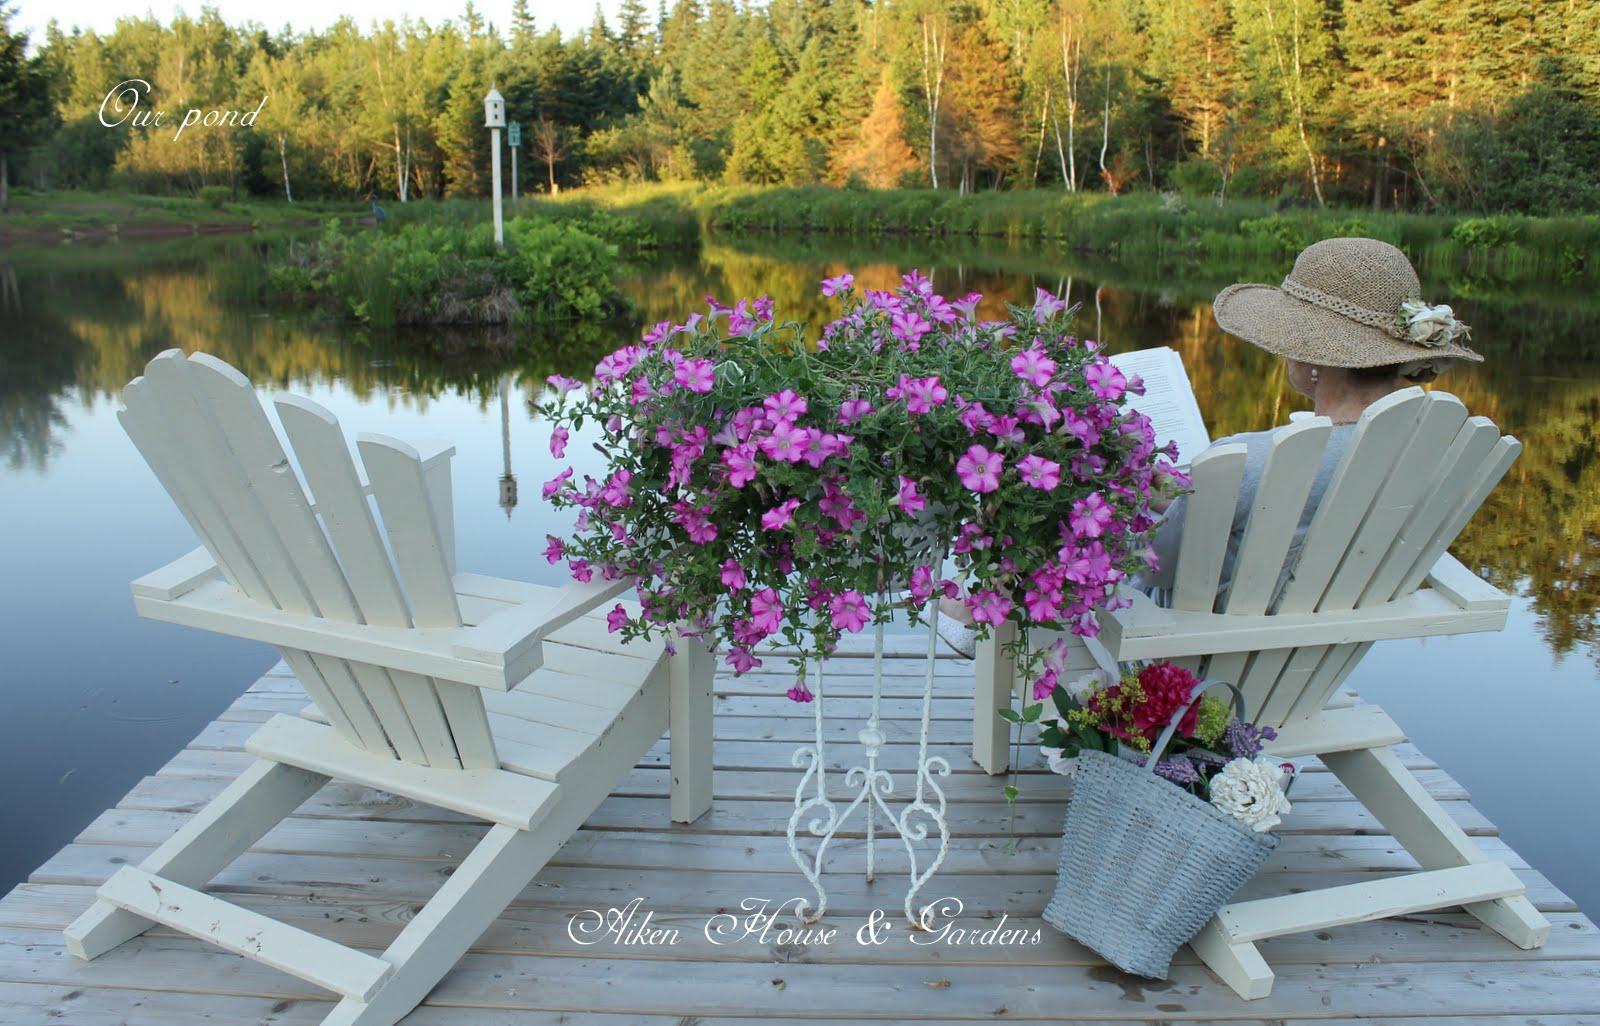 Aiken house gardens sweet dreams of summer bliss for Aiken house